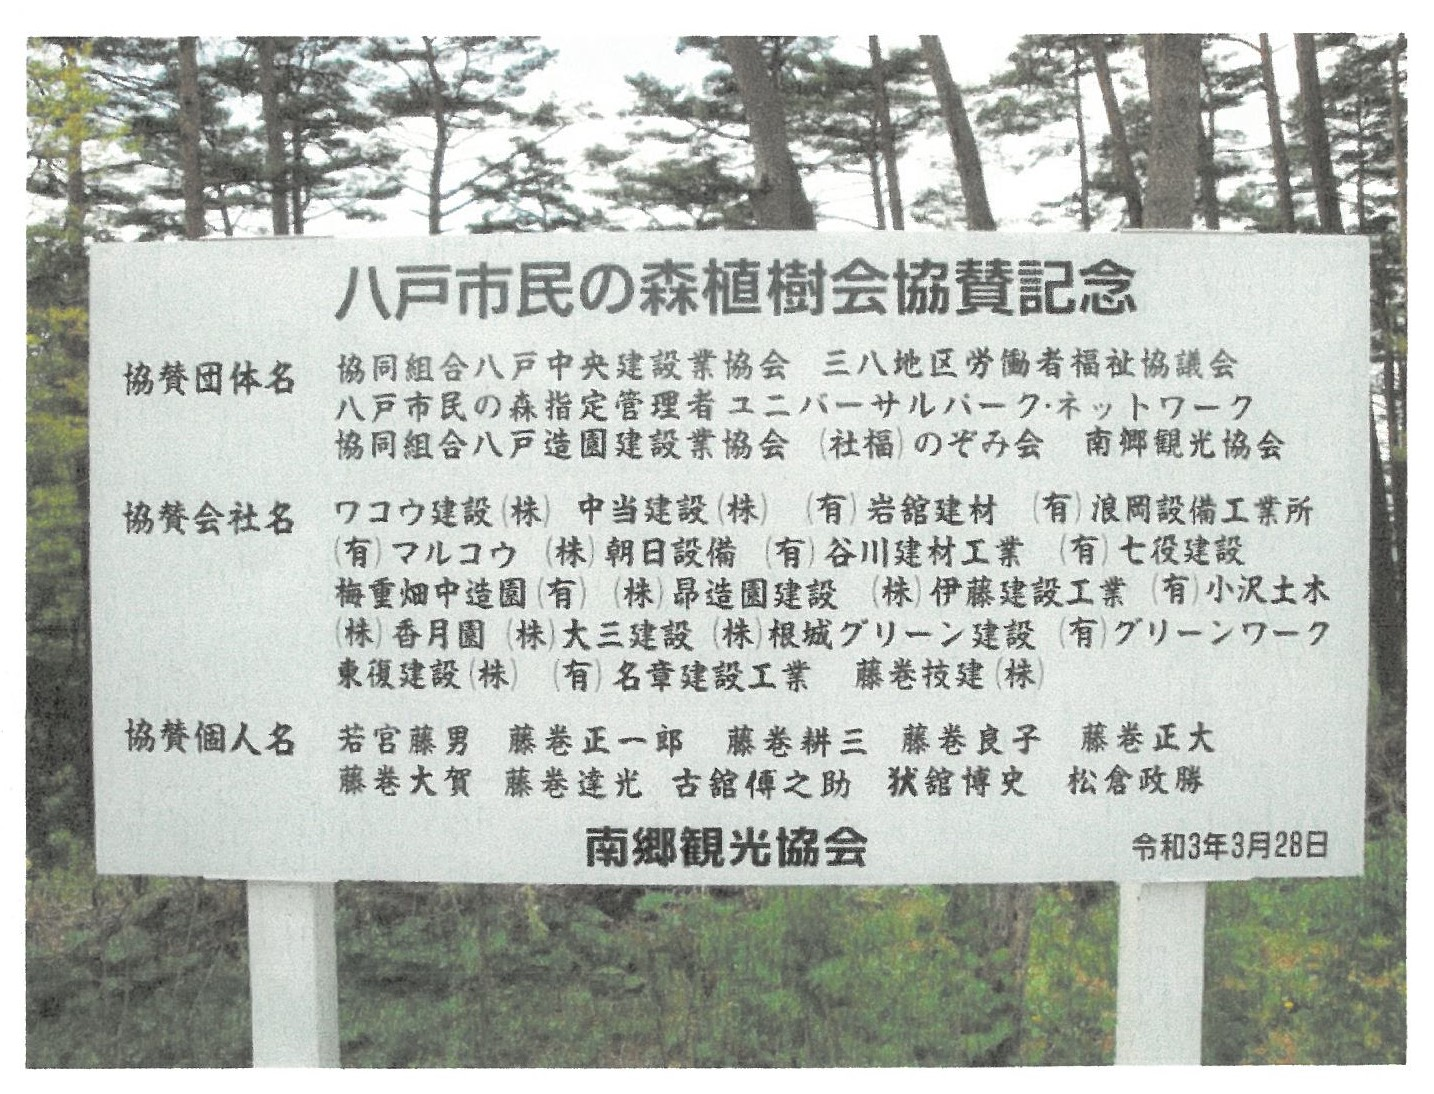 八戸市民の森植樹会協賛01